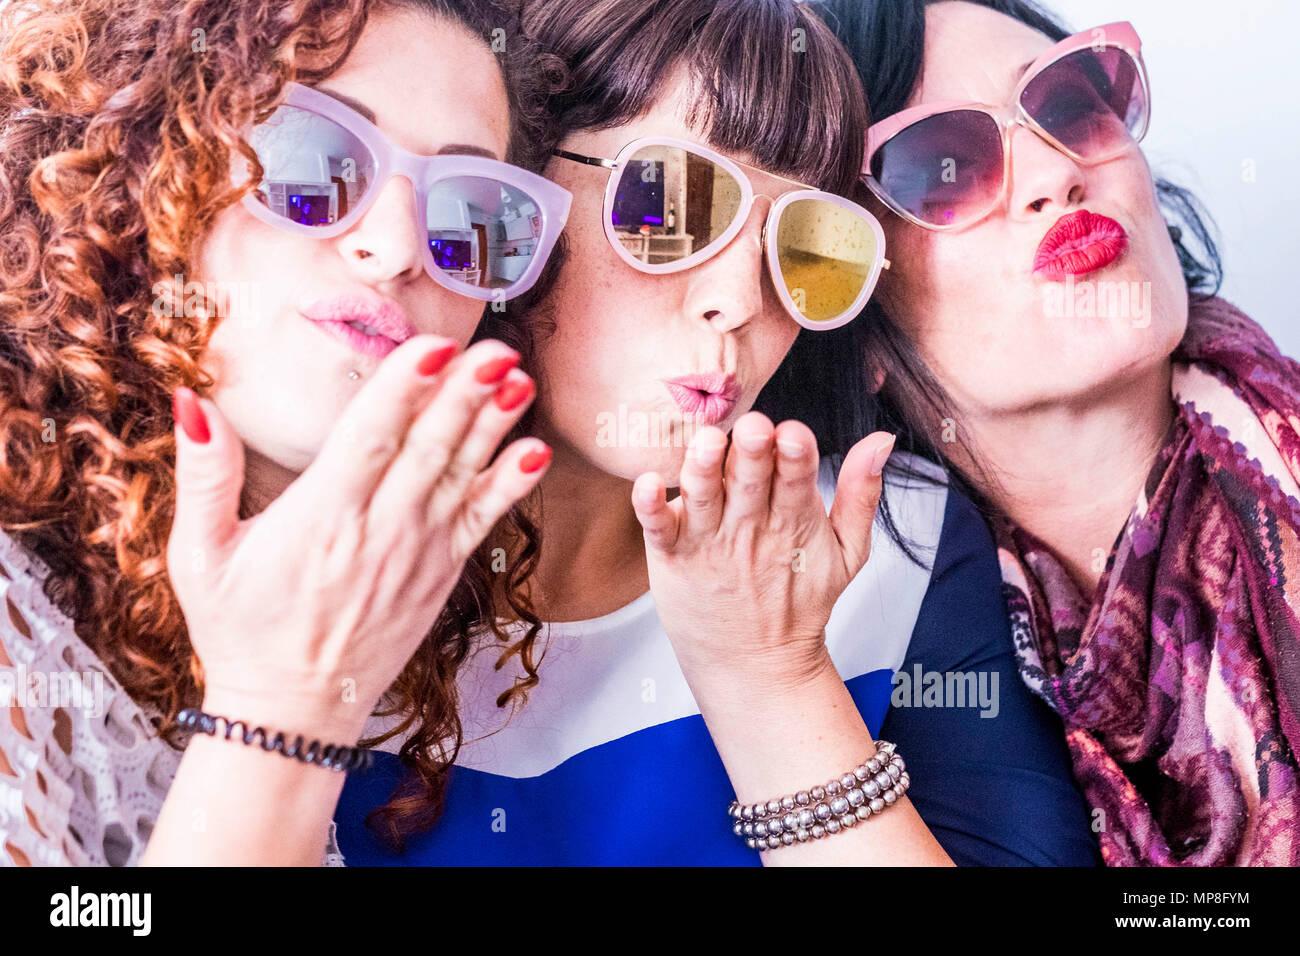 Trois jeunes caucasiens drôle folle faire une partie avec des lunettes de soleil. l'envoi de baiser et de s'amuser ensemble dans une vraie amitié. Un groupe de personnes Banque D'Images